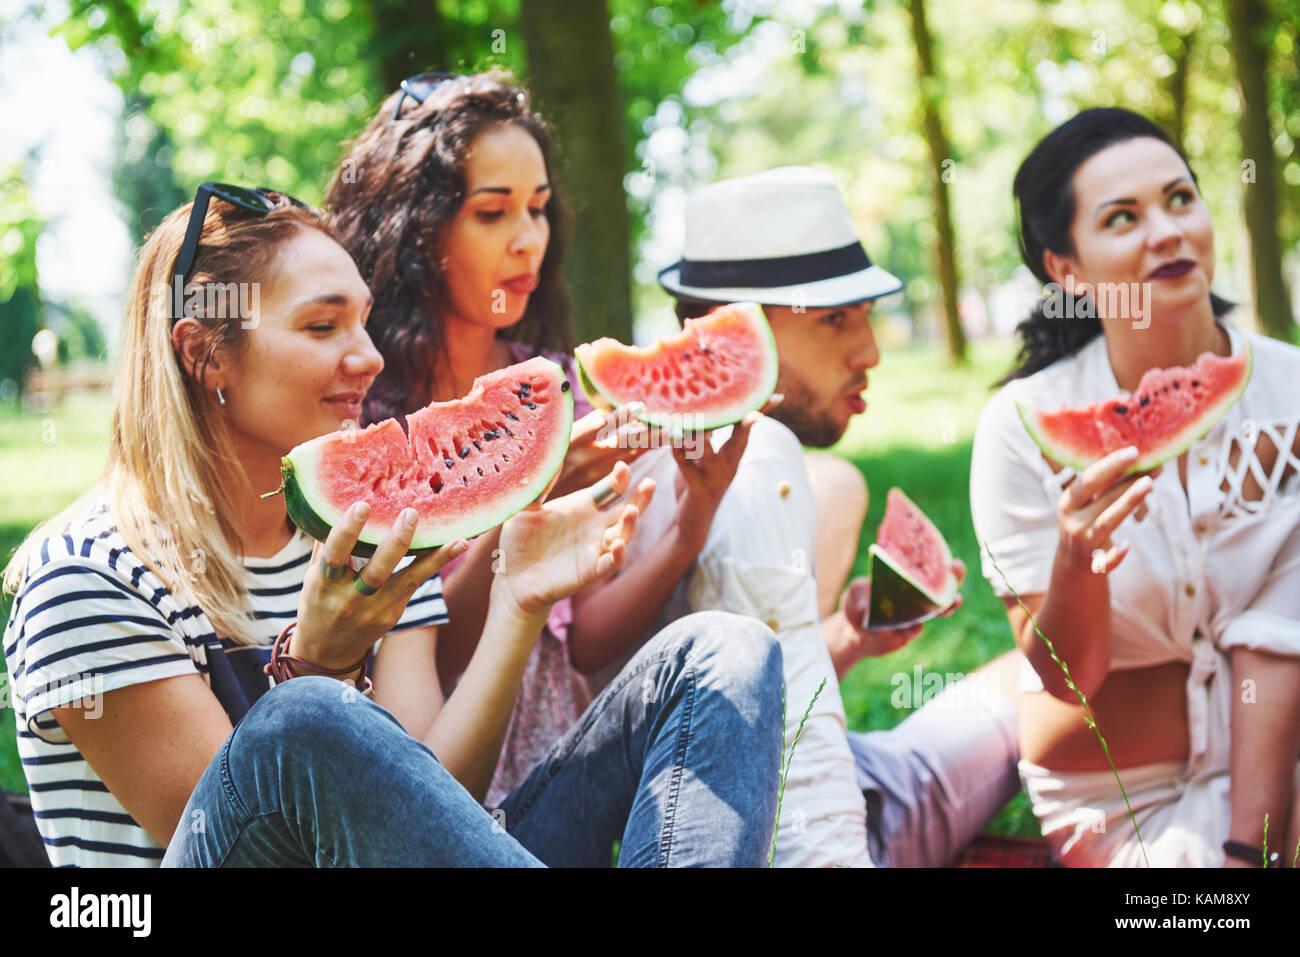 Grupo de amigos tener pic-nic en un parque en un día soleado - gente colgando fuera, divirtiéndose mientras cocinando Foto de stock